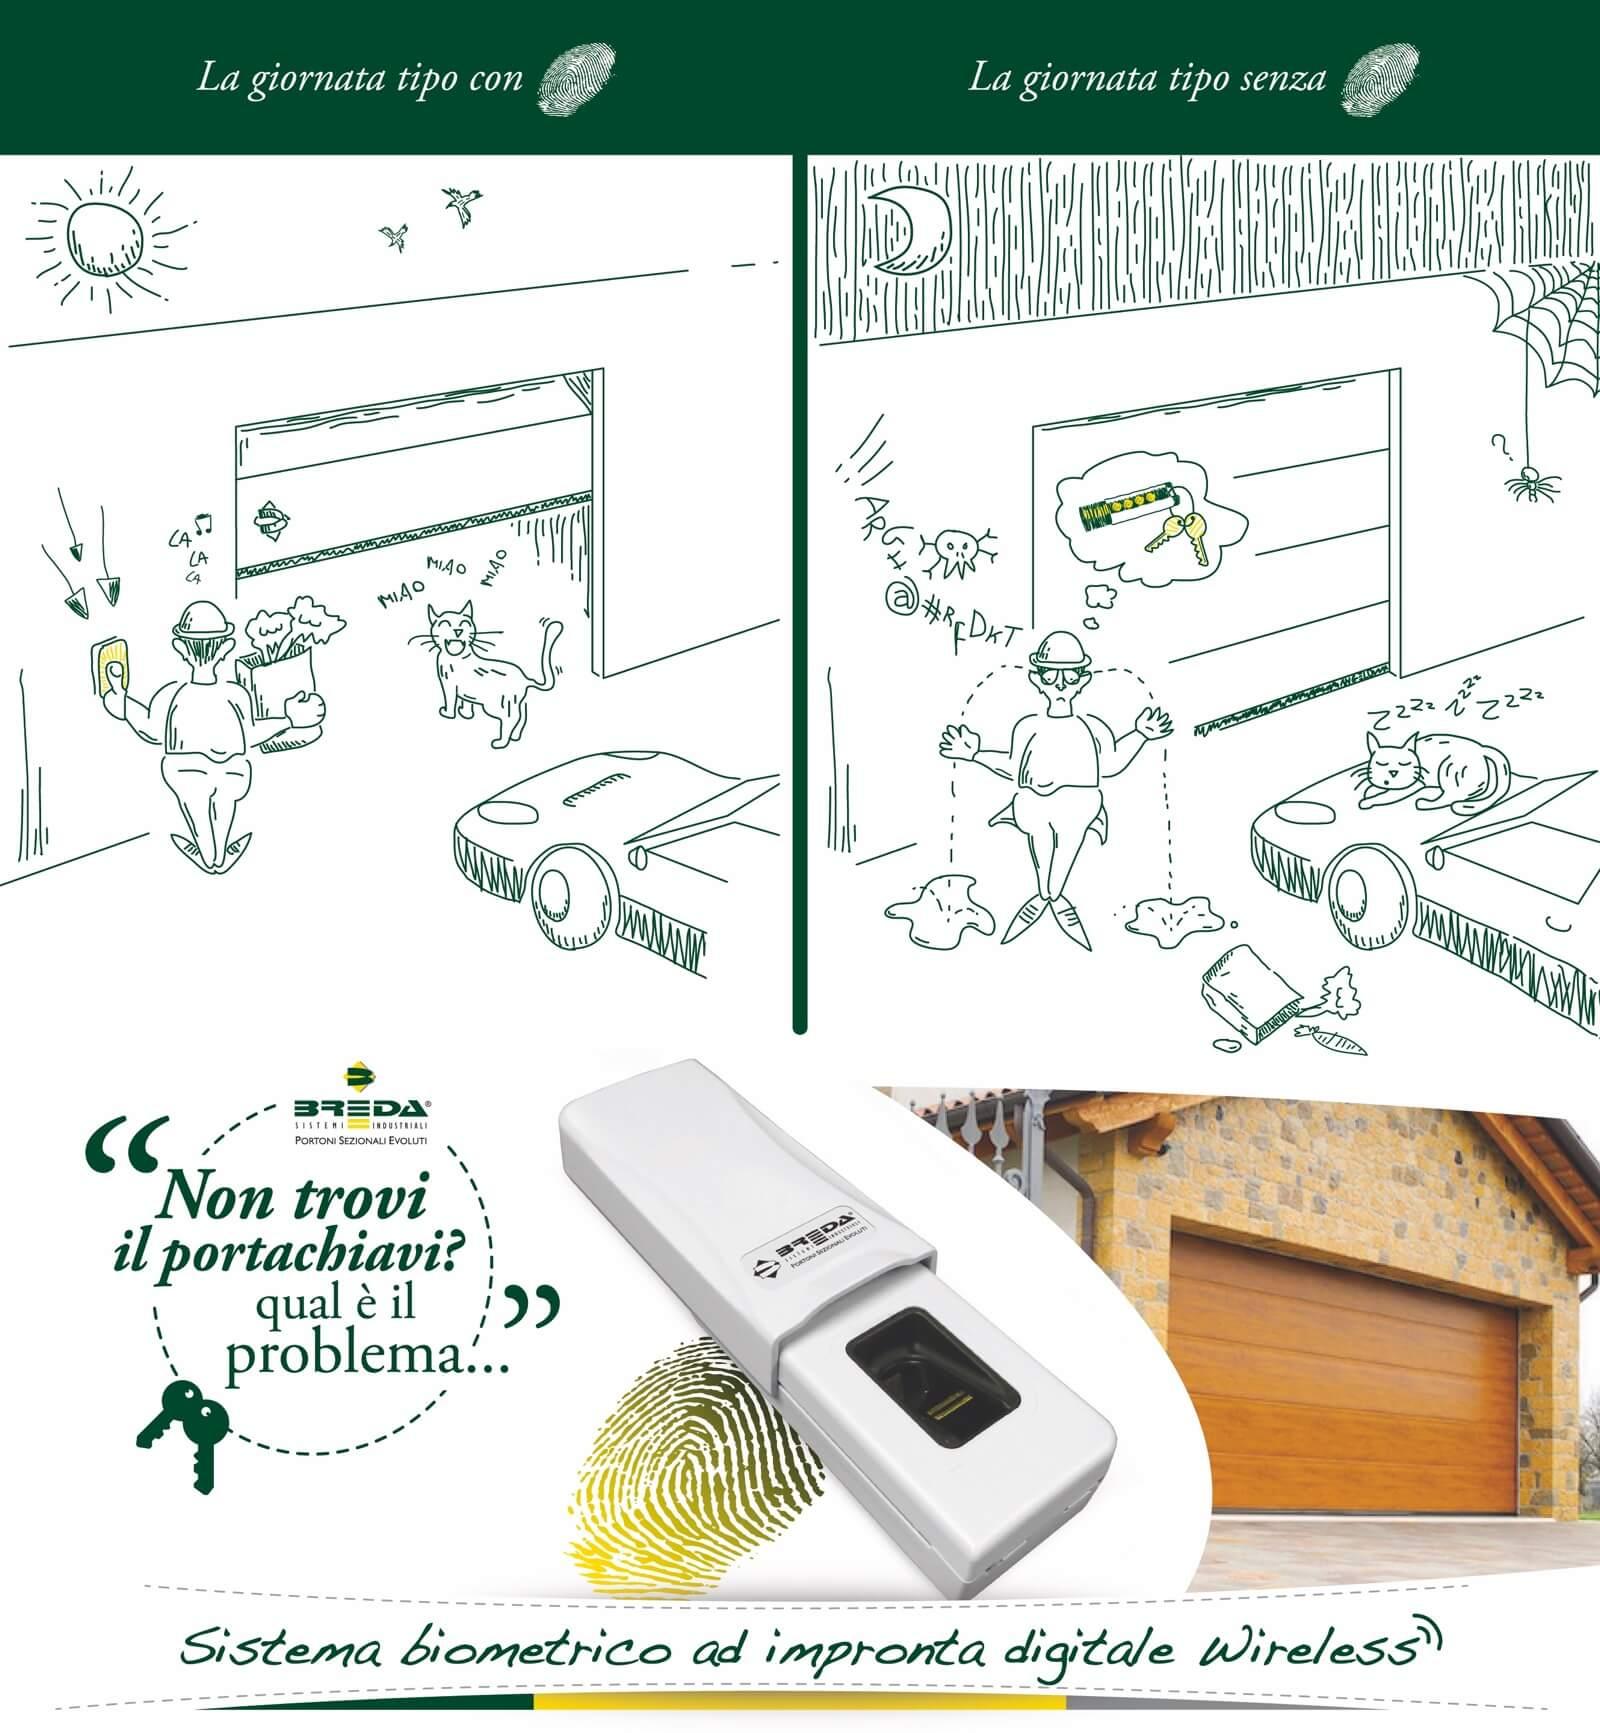 Lettore impronte digitali wireless Breda